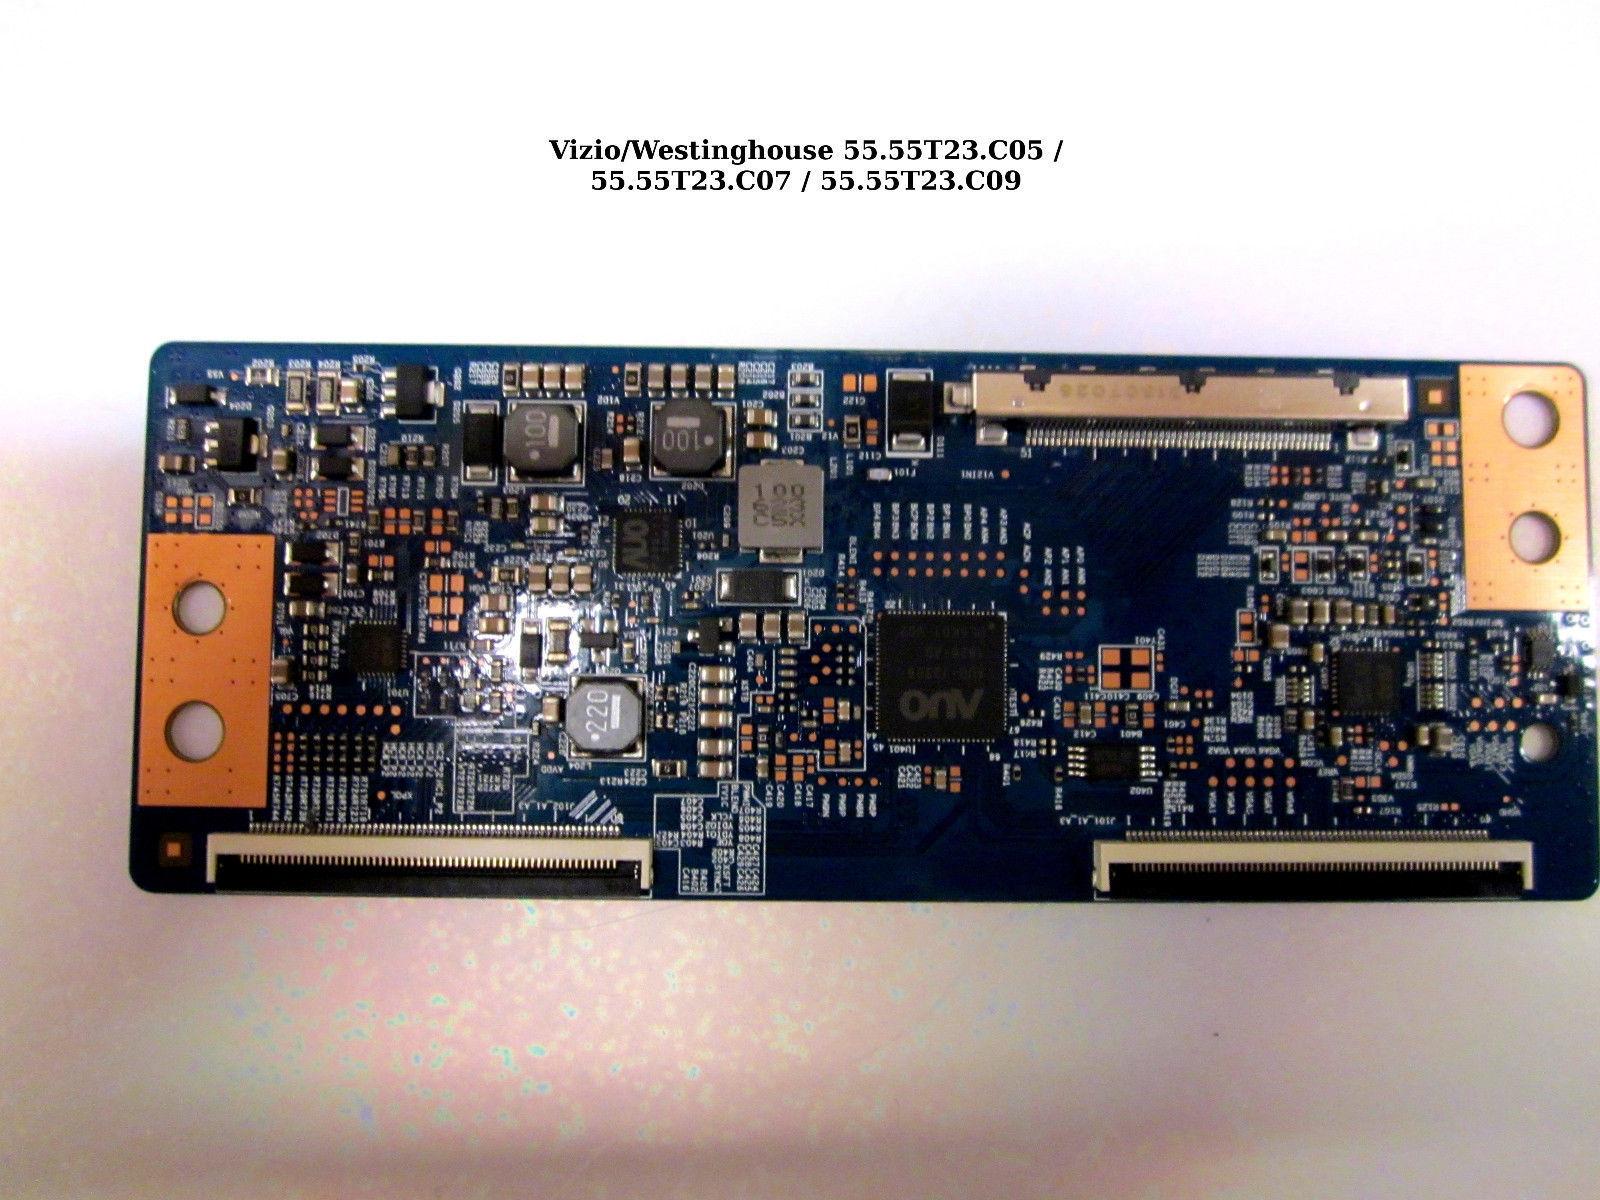 Vizio/Westinghouse 55.55T23.C05 / 55.55T23.C07 / 55.55T23.C09 T-Con Board - $24.00